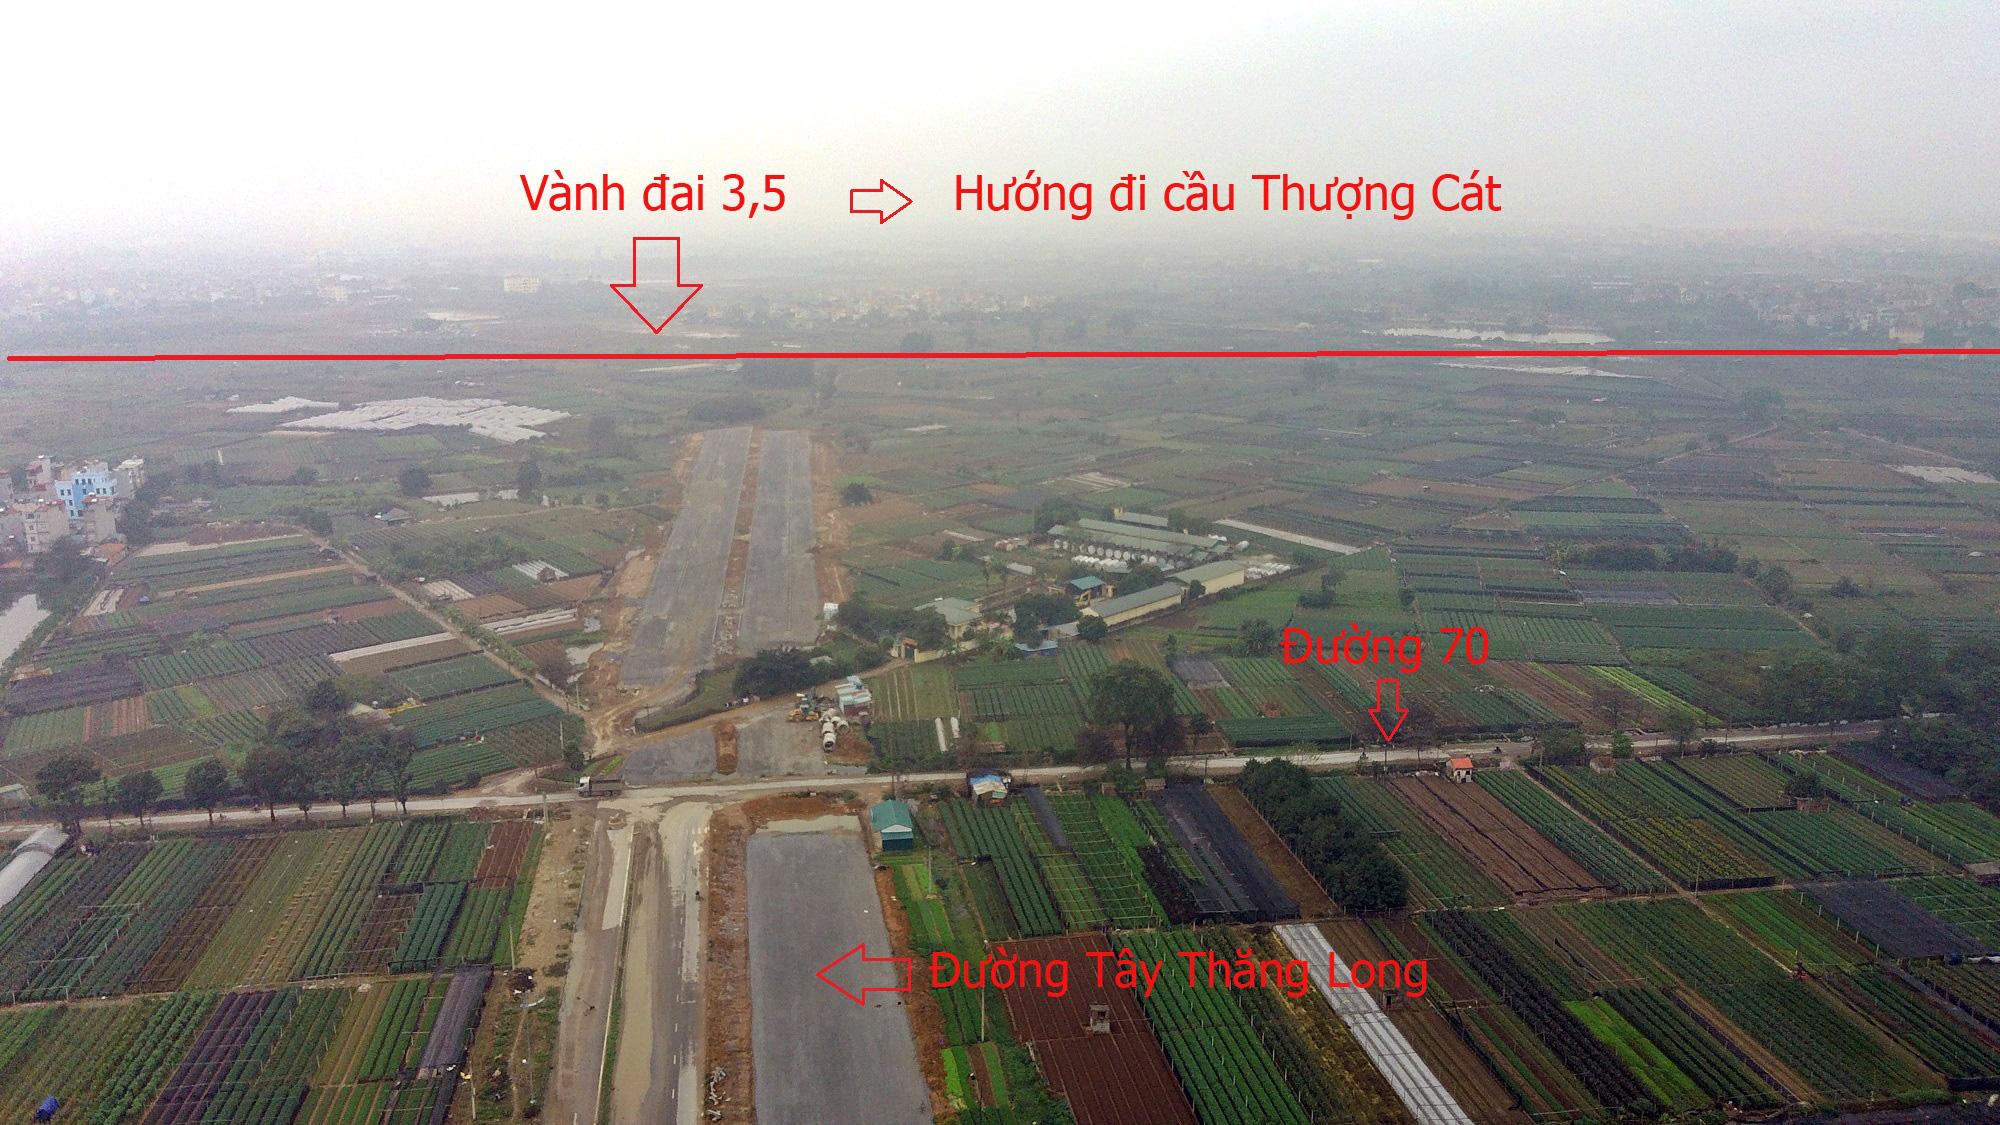 Cầu sẽ mở theo qui hoạch ở Hà Nội: Toàn cảnh cầu Thượng Cát nối Bắc Từ Liêm với Đông Anh - Ảnh 8.